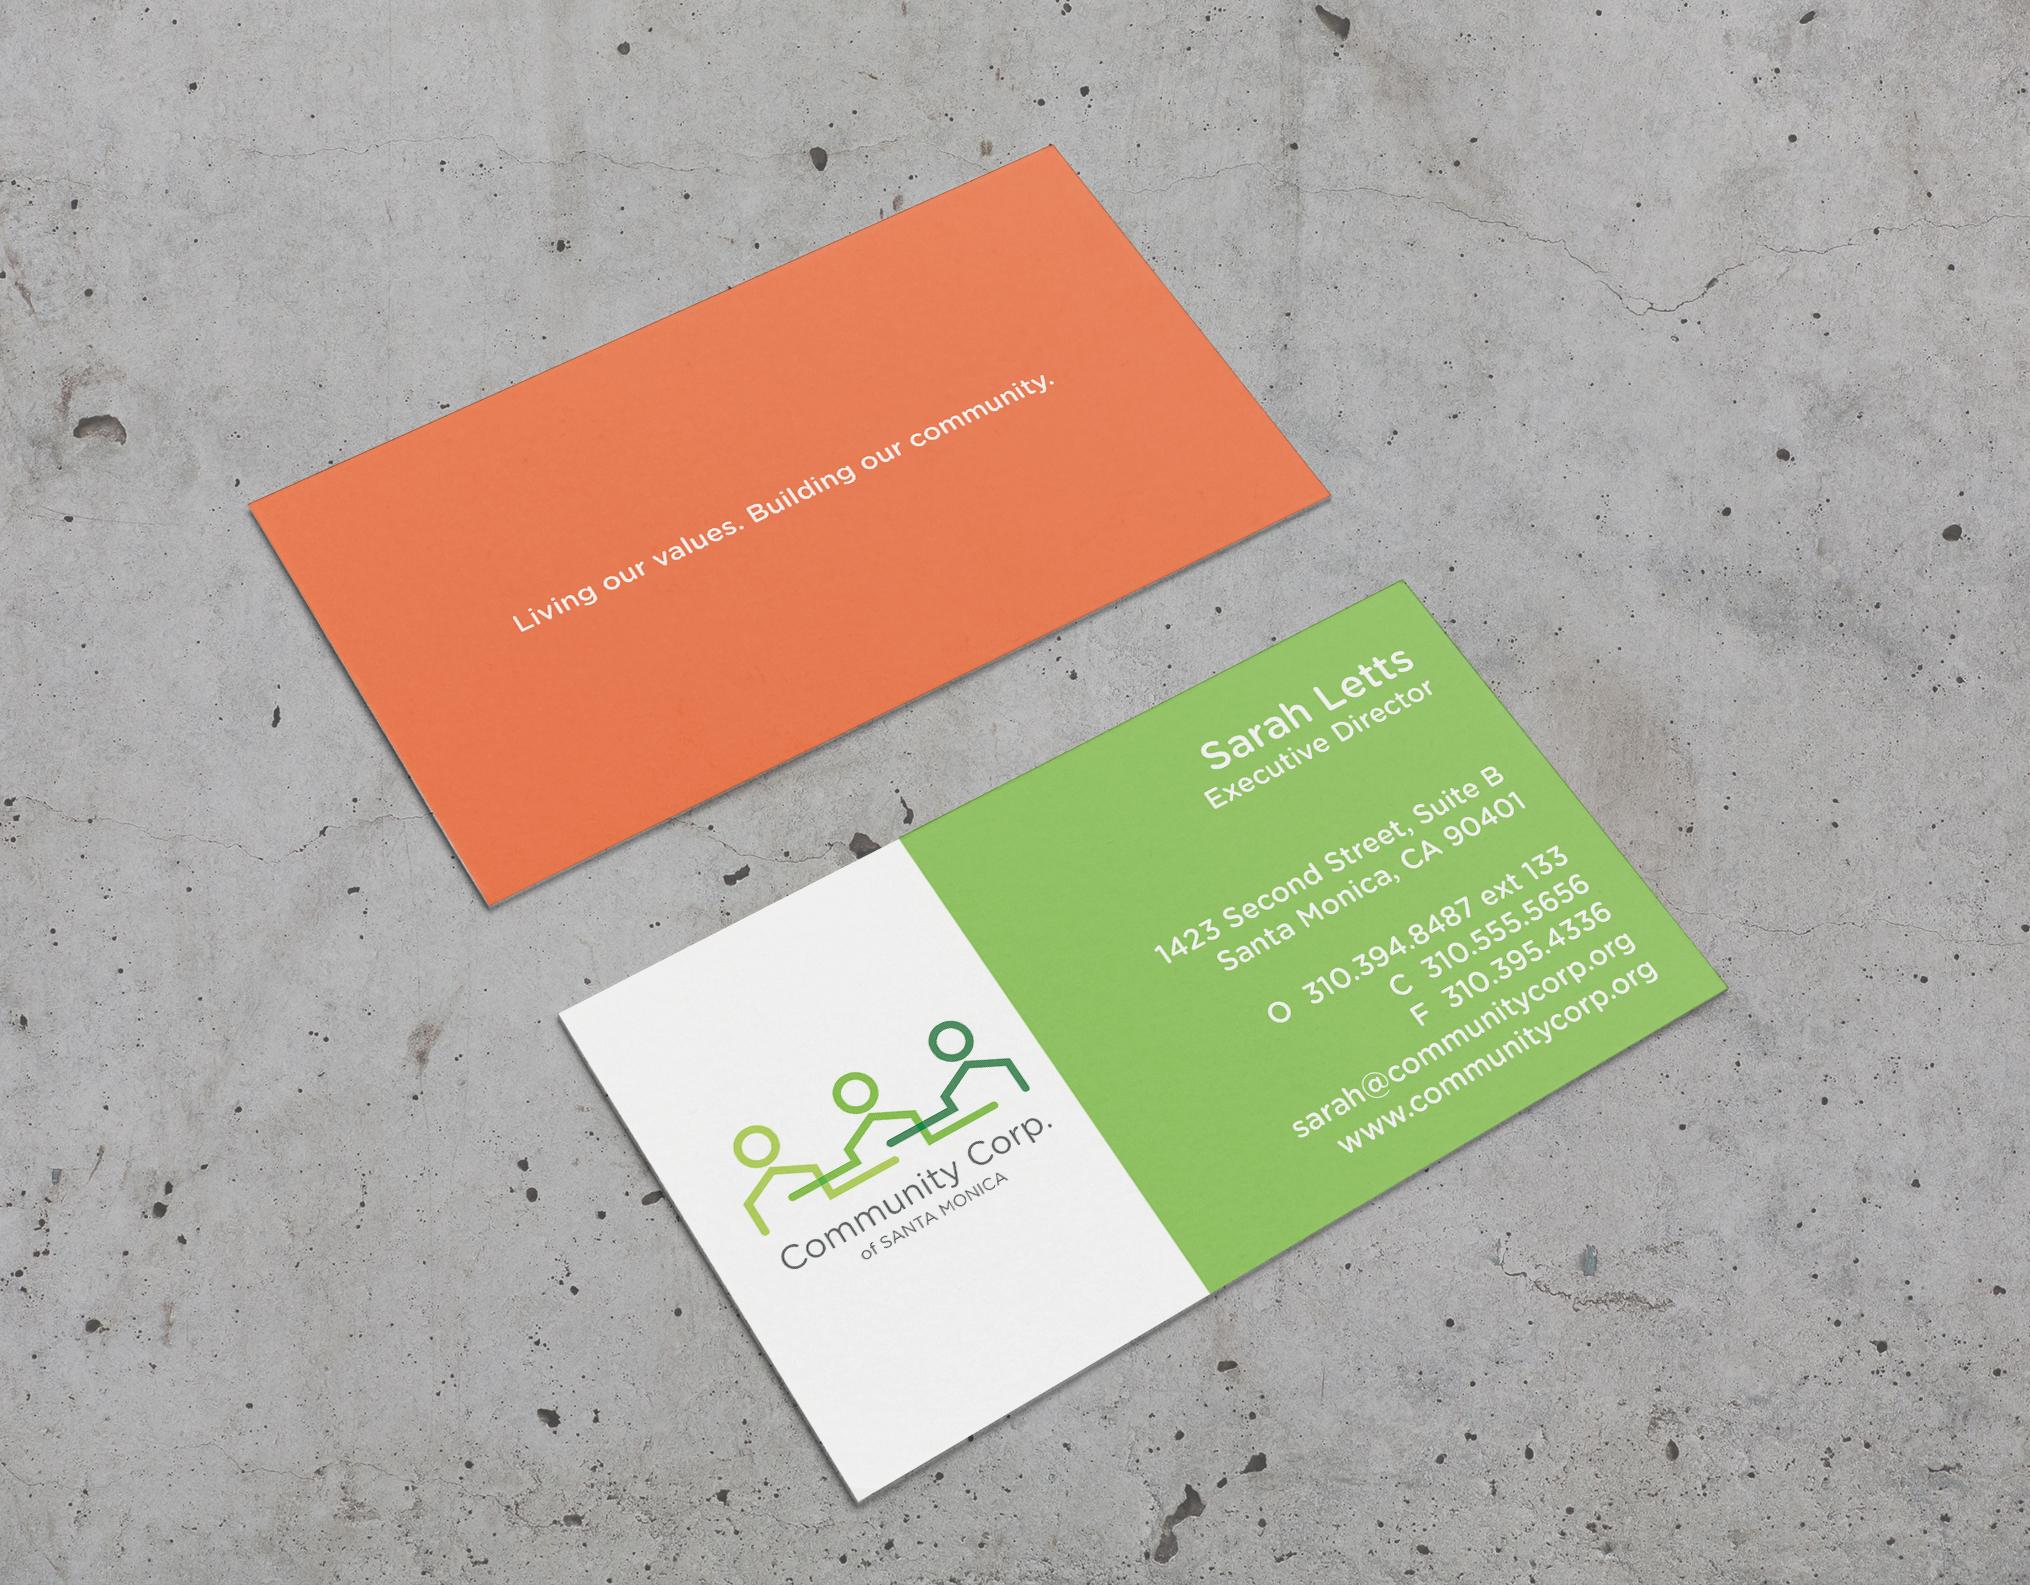 CCSM_cards.jpg